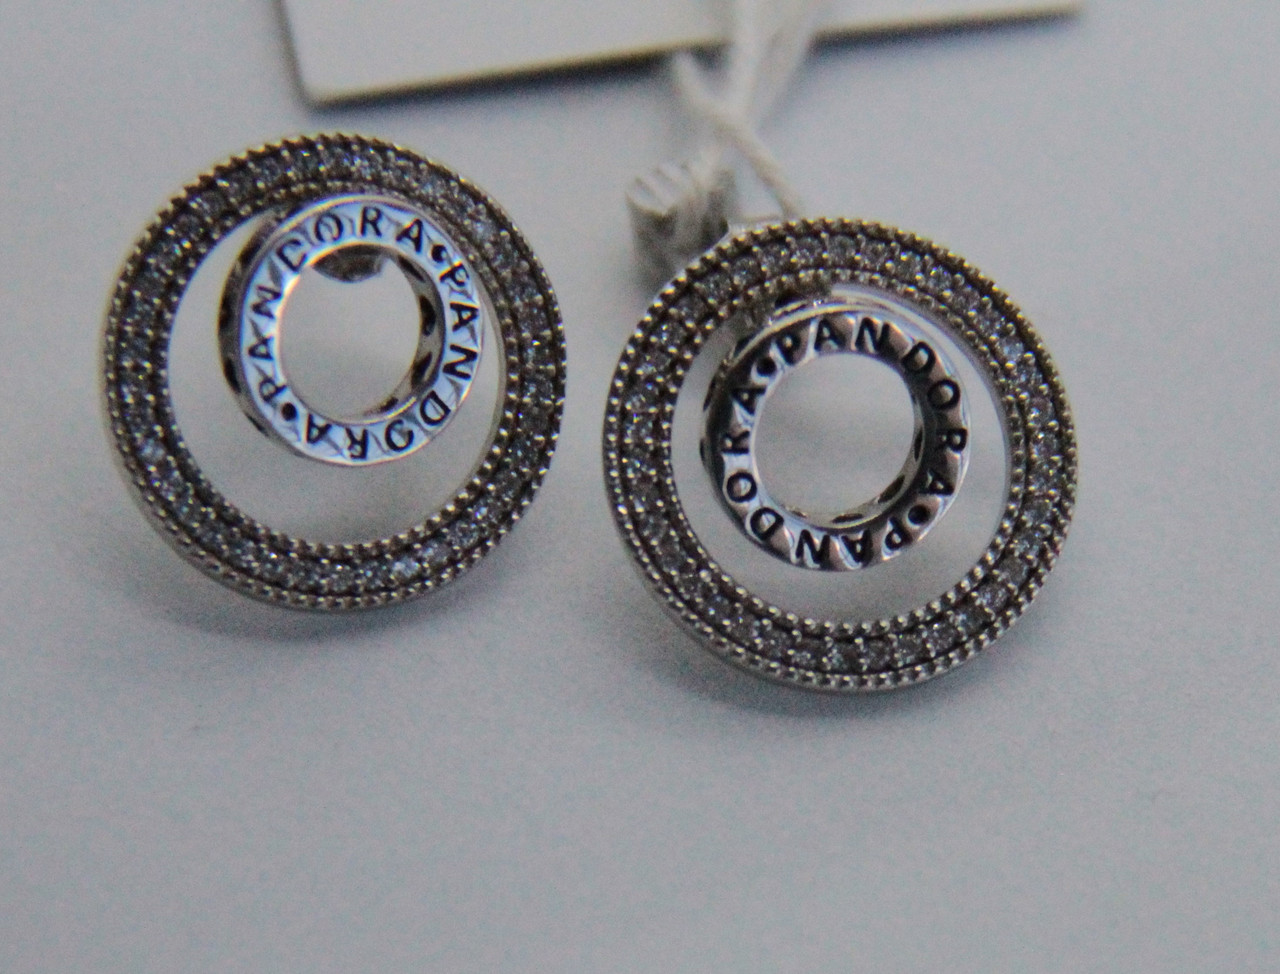 Серьги из серебра Мої прикраси в стиле Pandora